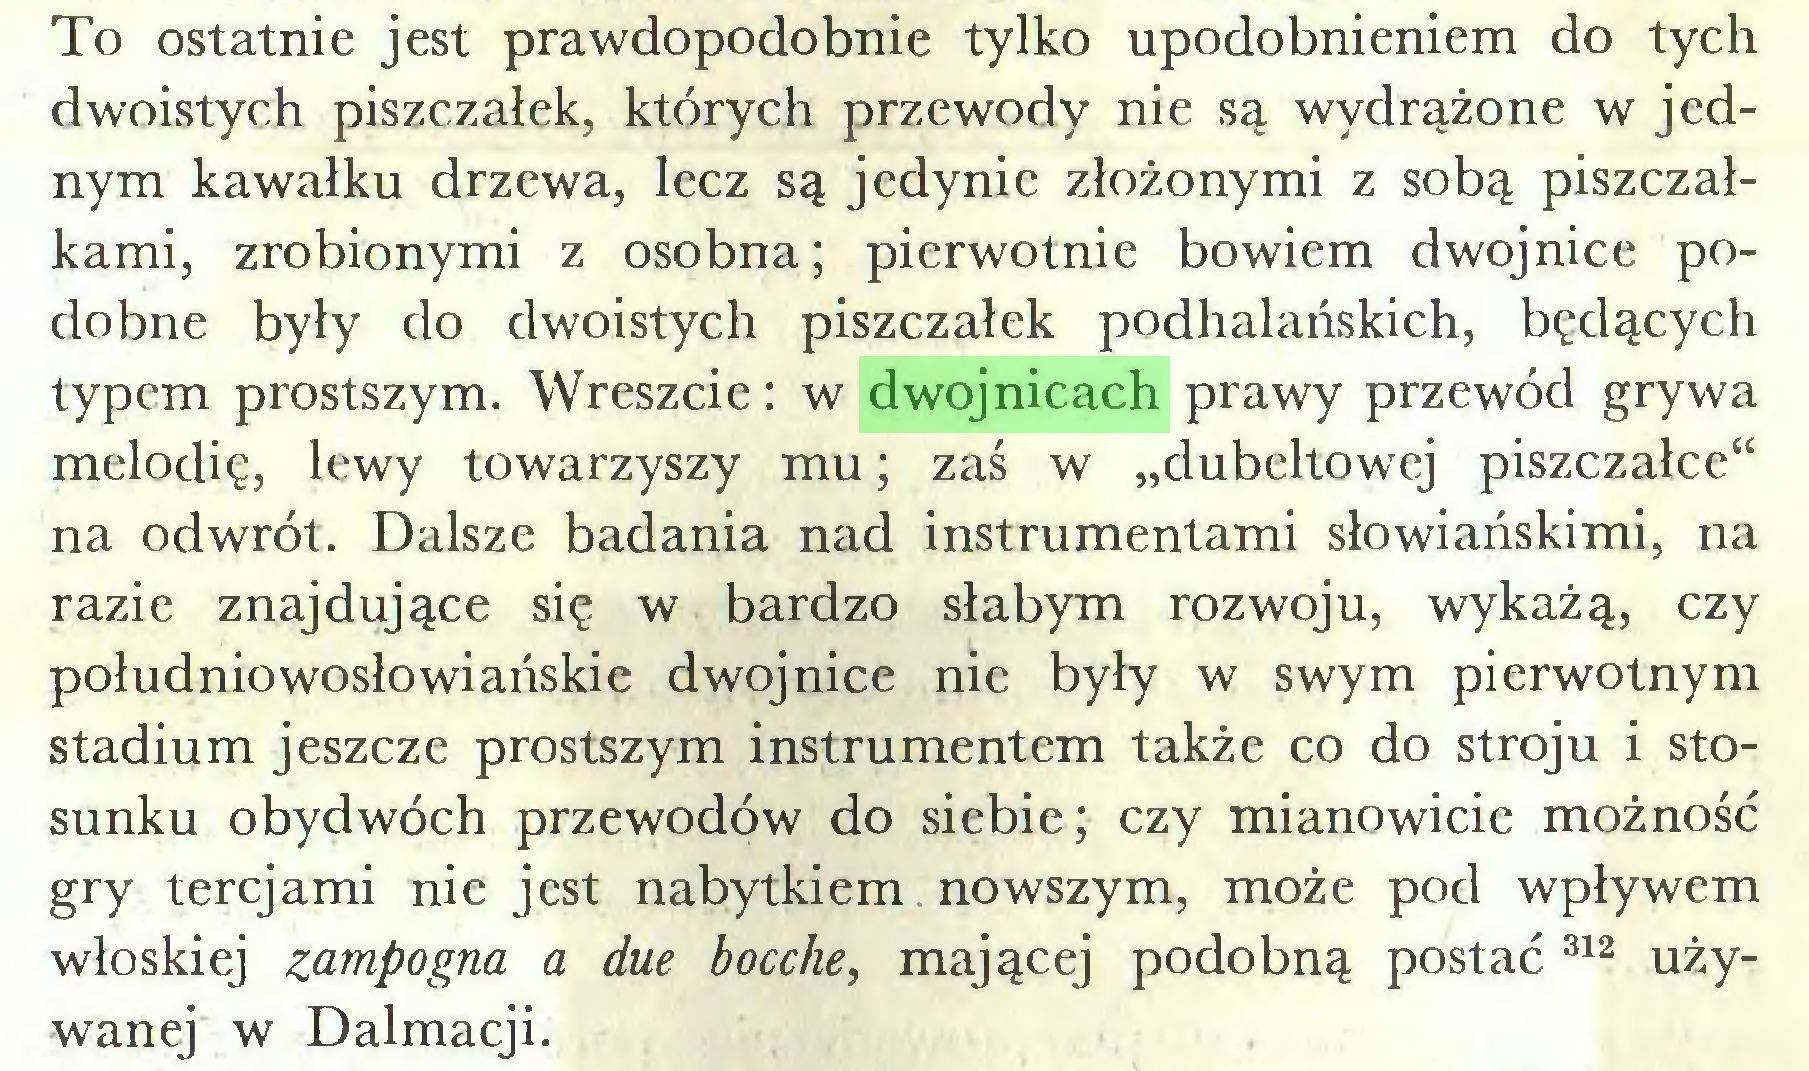 """(...) To ostatnie jest prawdopodobnie tylko upodobnieniem do tych dwoistych piszczałek, których przewody nie są wydrążone w jednym kawałku drzewa, lecz są jedynie złożonymi z sobą piszczałkami, zrobionymi z osobna; pierwotnie bowiem dwojnice podobne były do dwoistych piszczałek podhalańskich, będących typem prostszym. Wreszcie: w dwojnicach prawy przewód grywa melodię, lewy towarzyszy mu; zaś w """"dubeltowej piszczałce"""" na odwrót. Dalsze badania nad instrumentami słowiańskimi, na razie znajdujące się w bardzo słabym rozwoju, wykażą, czy południowosłowiańskie dwojnice nie były w swym pierwotnym stadium jeszcze prostszym instrumentem także co do stroju i stosunku obydwóch przewodów do siebie; czy mianowicie możność gry tercjami nie jest nabytkiem nowszym, może pod wpływem włoskiej zampogna a due bocche, mającej podobną postać 312 używanej w Dalmacji..."""